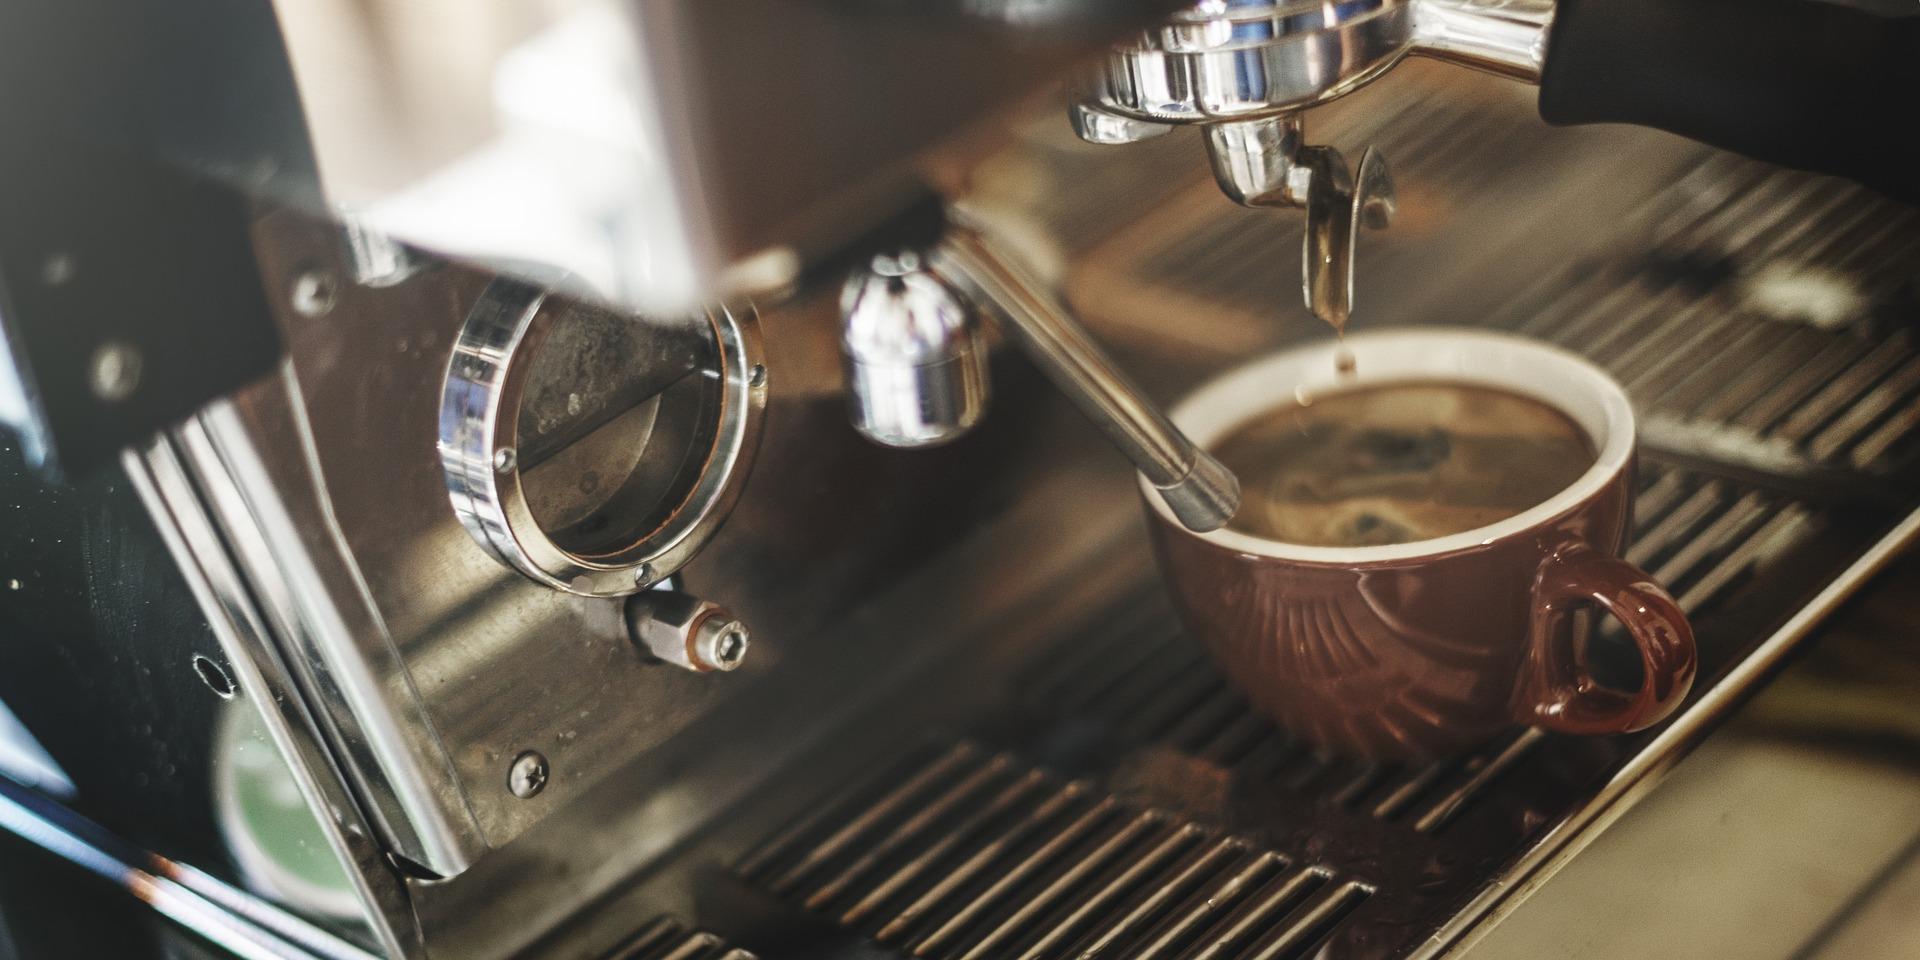 przygotowanie kawy z ekspresu